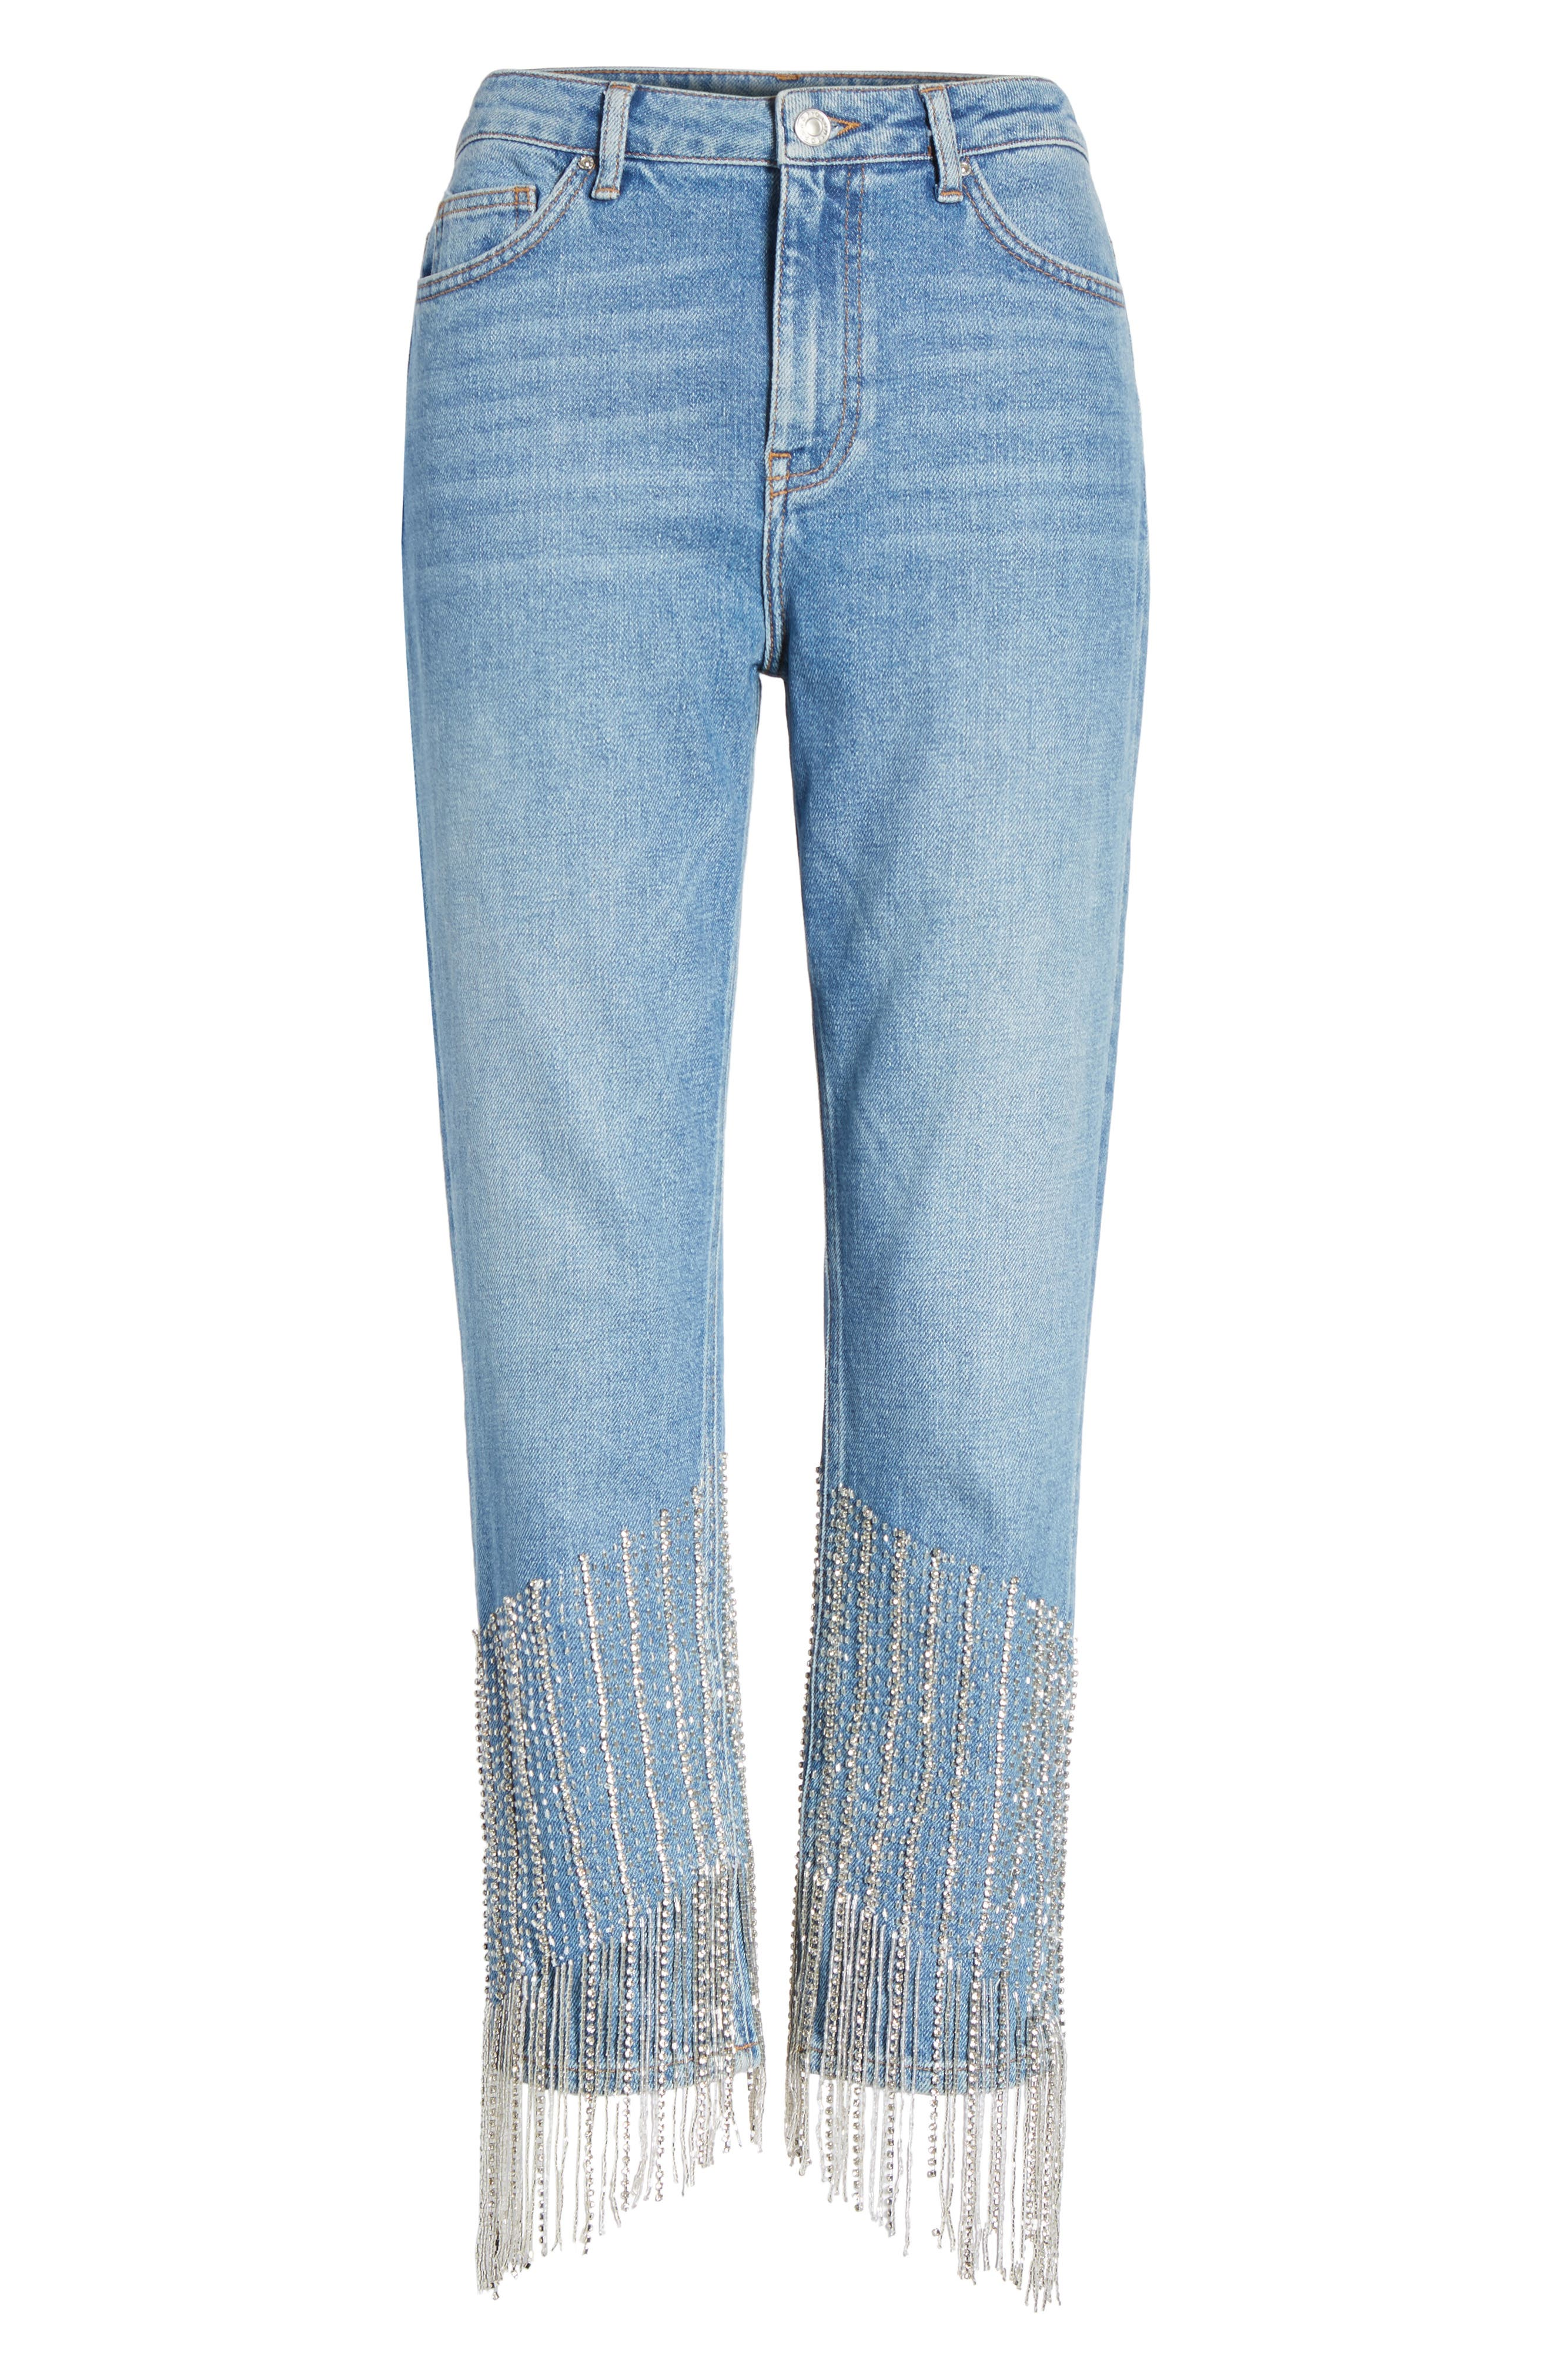 Crystal Embellished Moto Jeans,                             Alternate thumbnail 6, color,                             400